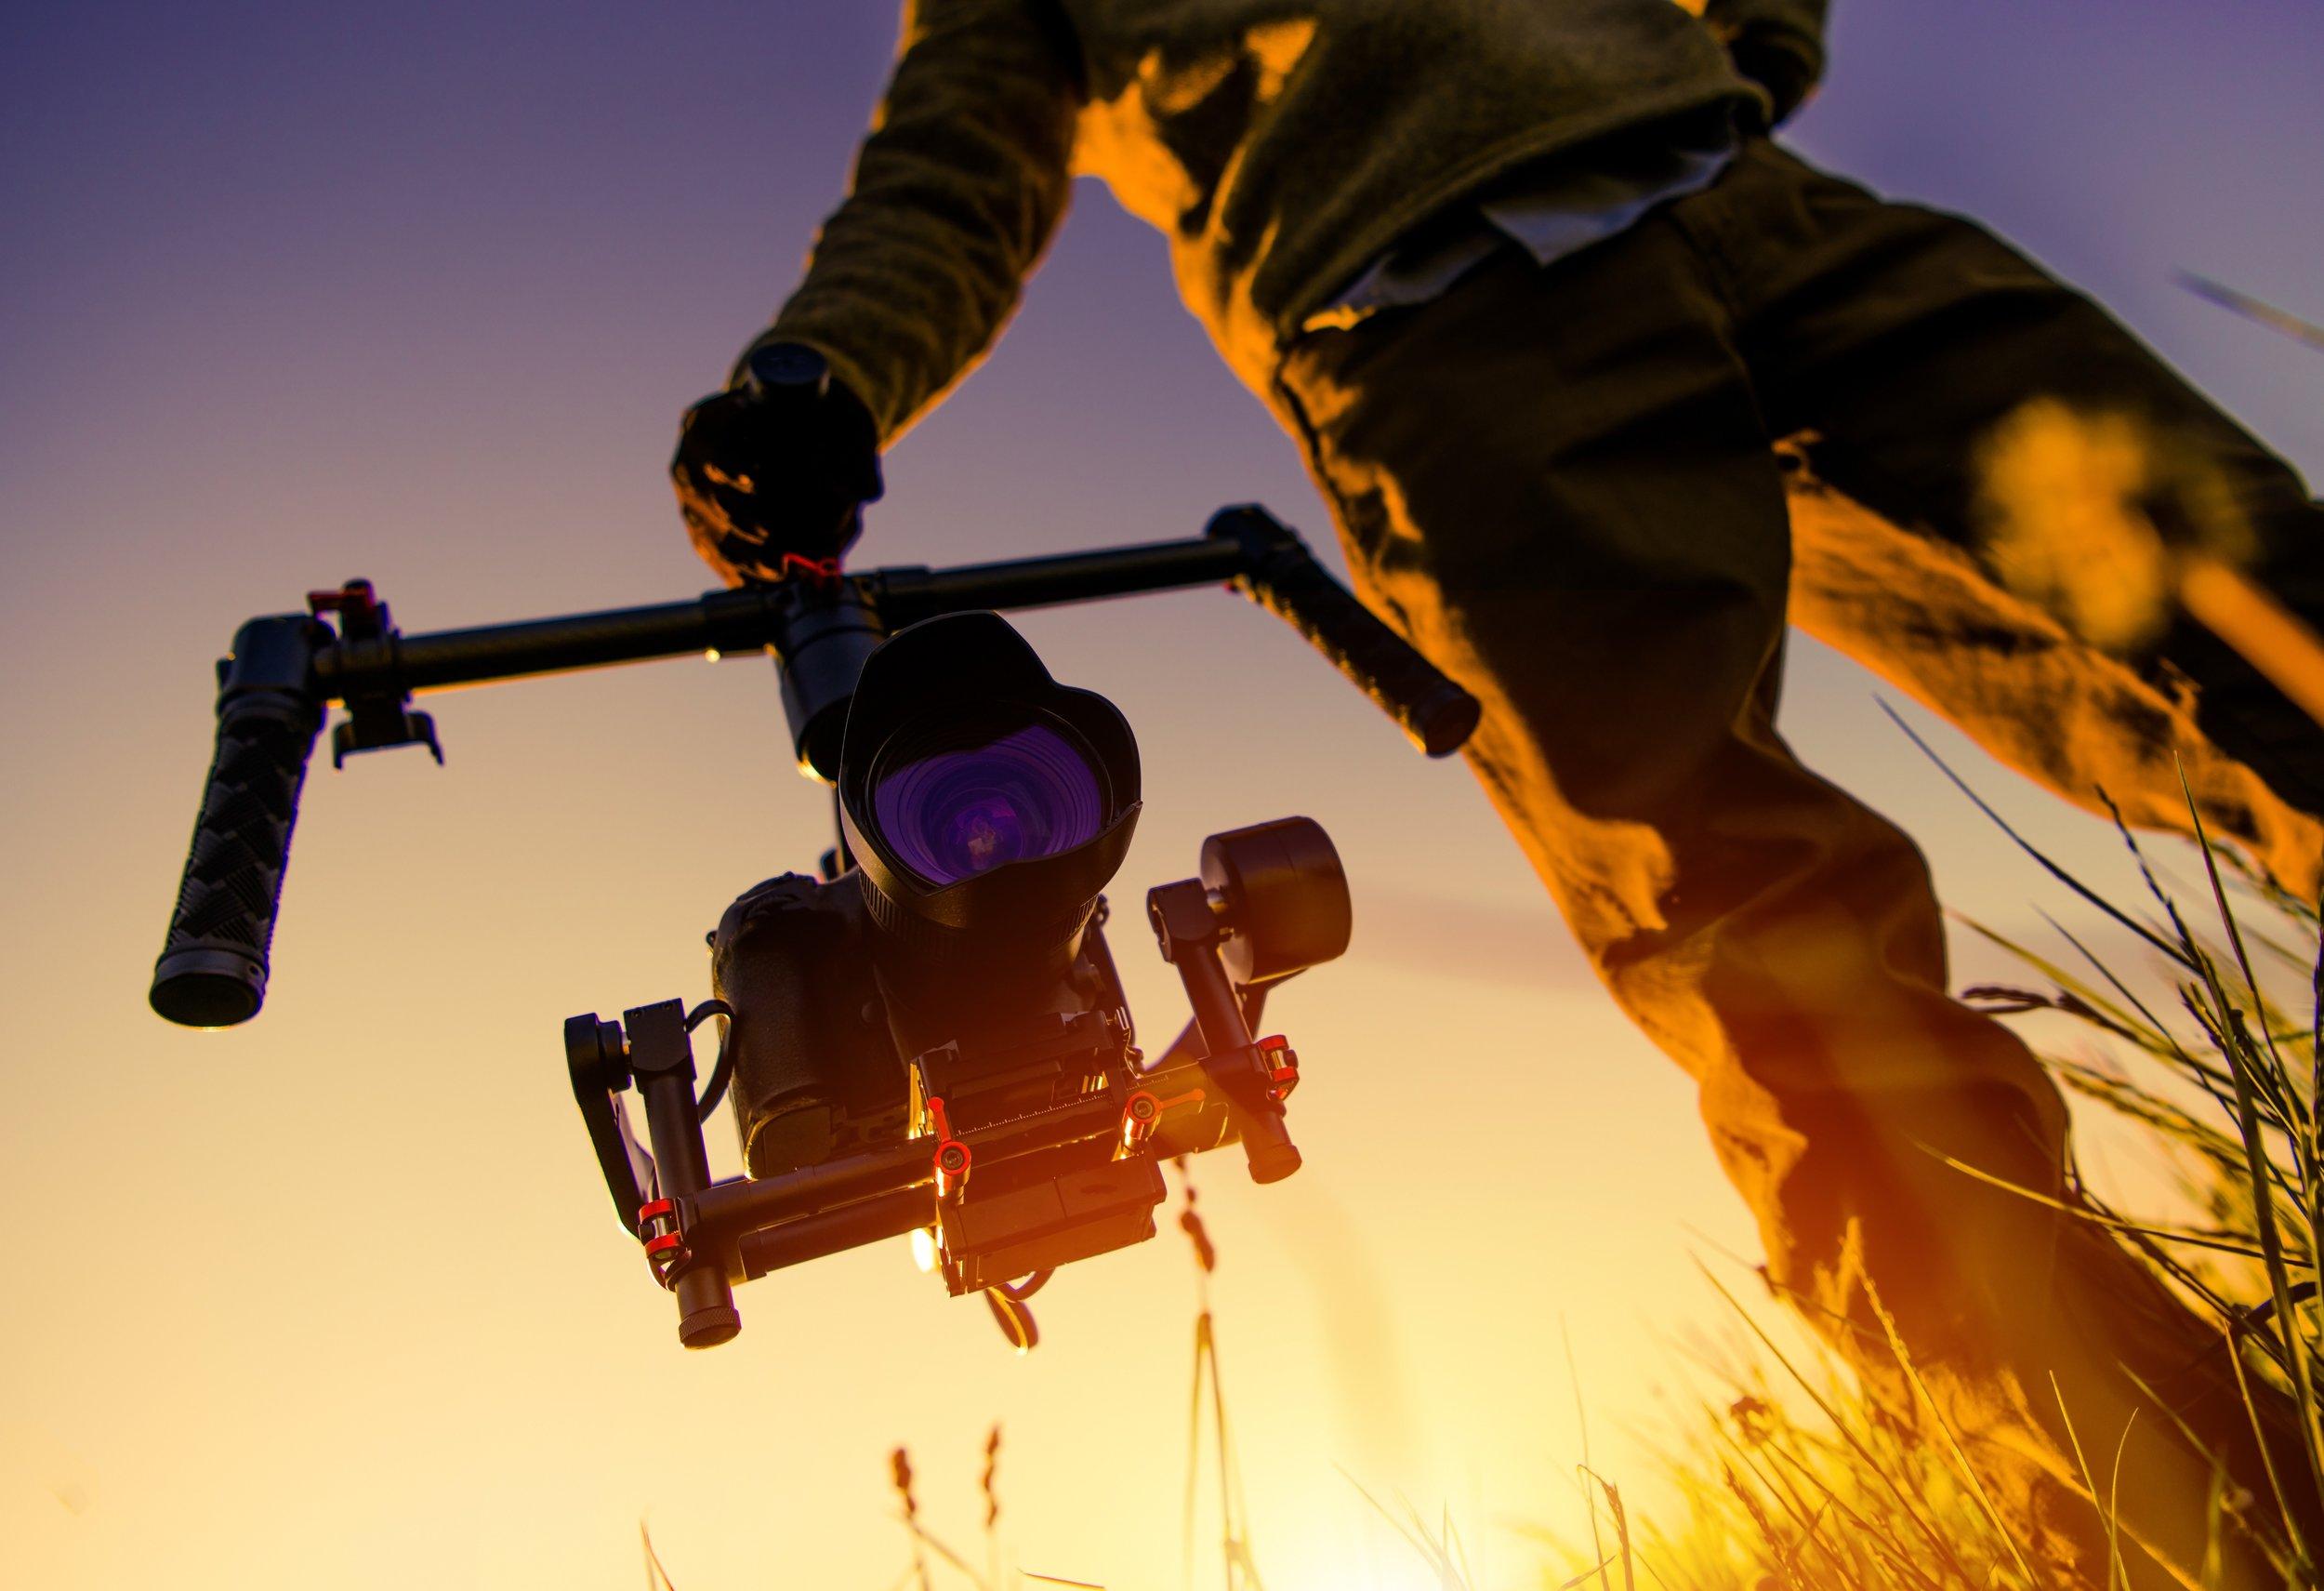 camera-gimbal-stabilization-PSC7Y9V.jpg